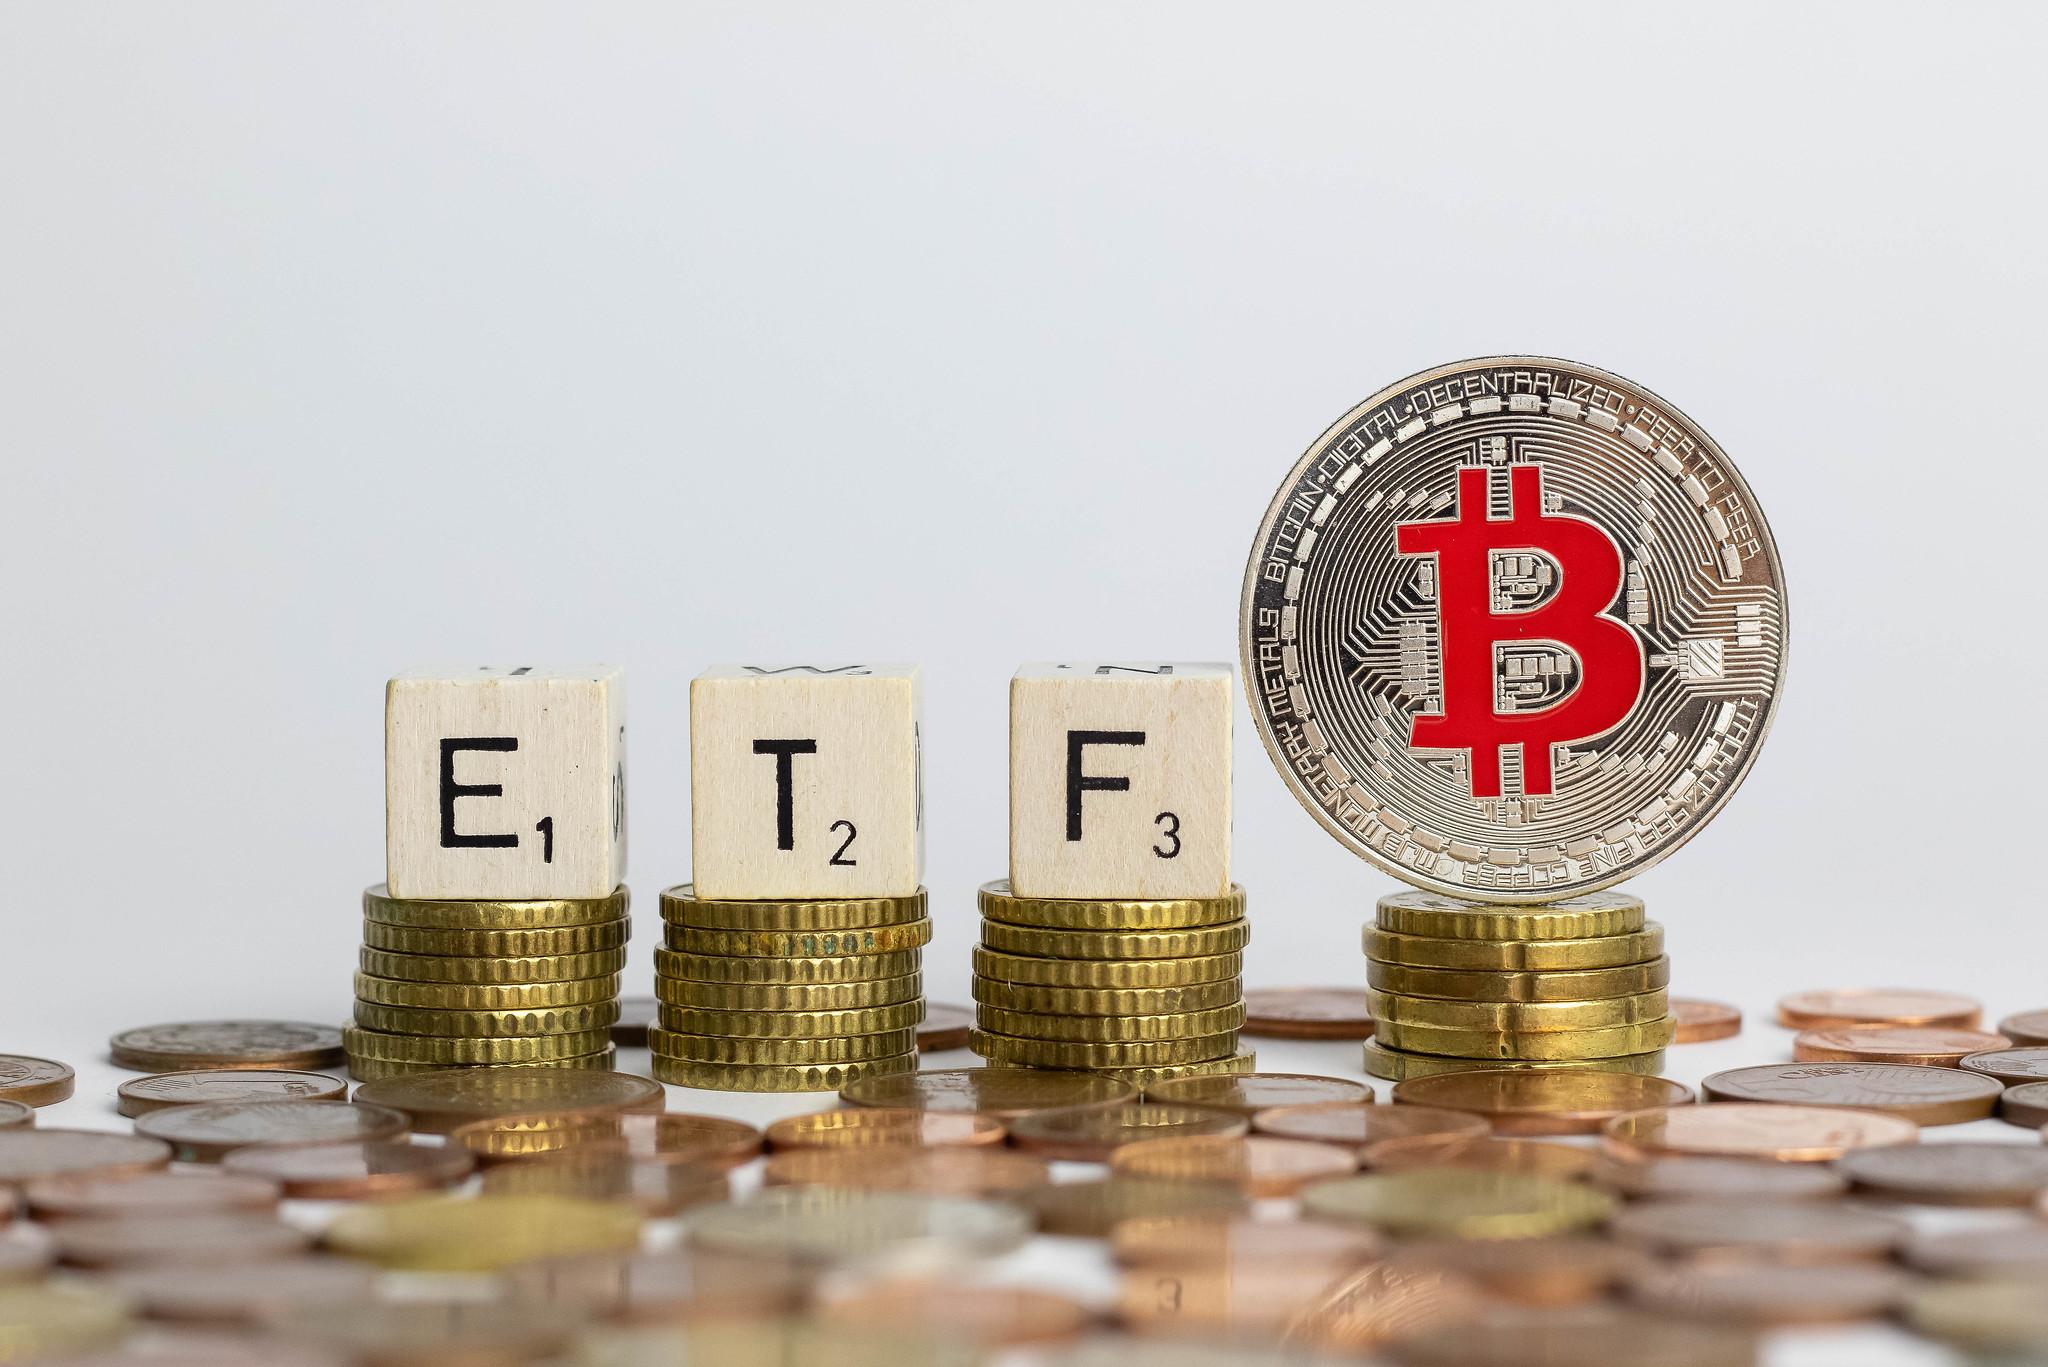 'Bitcoin koers stijgt met 153 procent na bodem van 10.000 dollar'